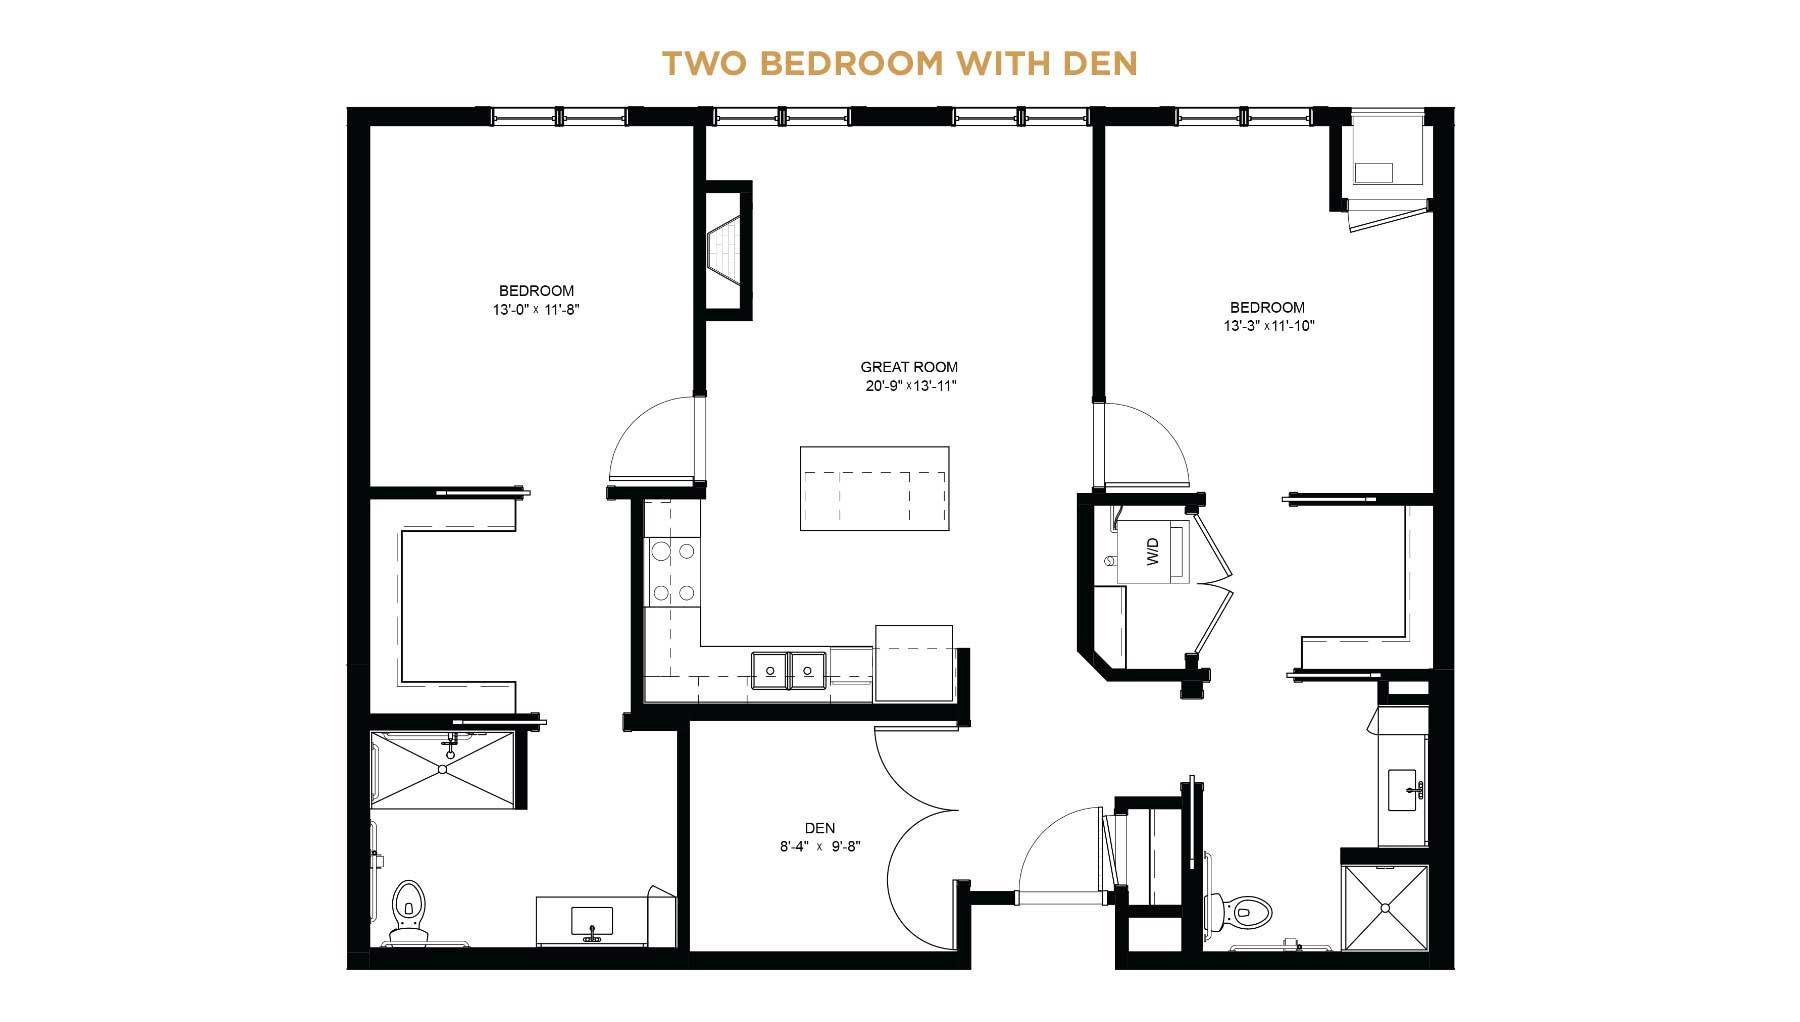 Two bedroom with den floorplan